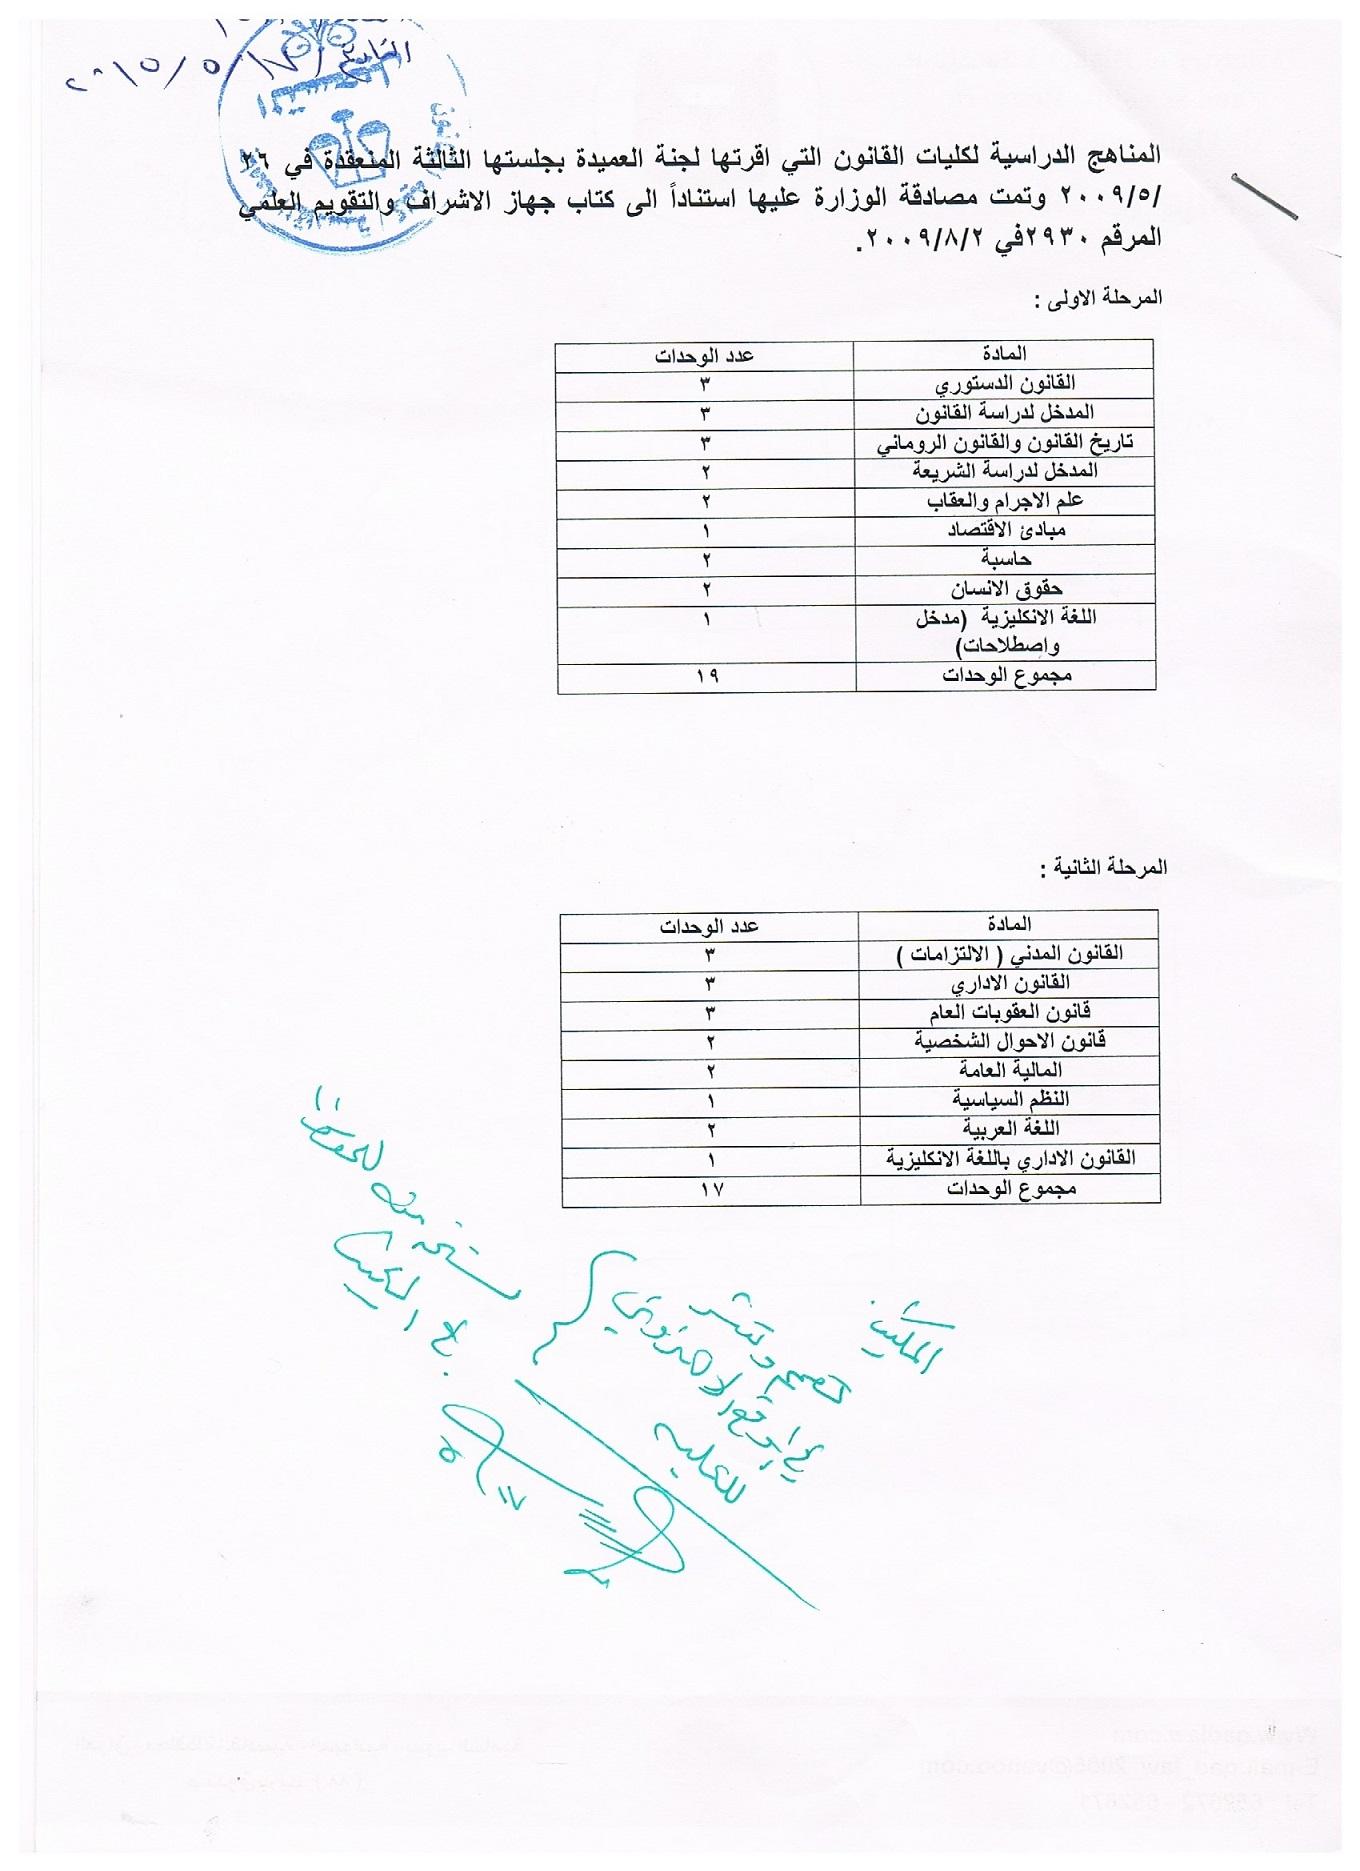 المناهج الدراسية لكليات القانون التي اقرتها لجنة العمداء